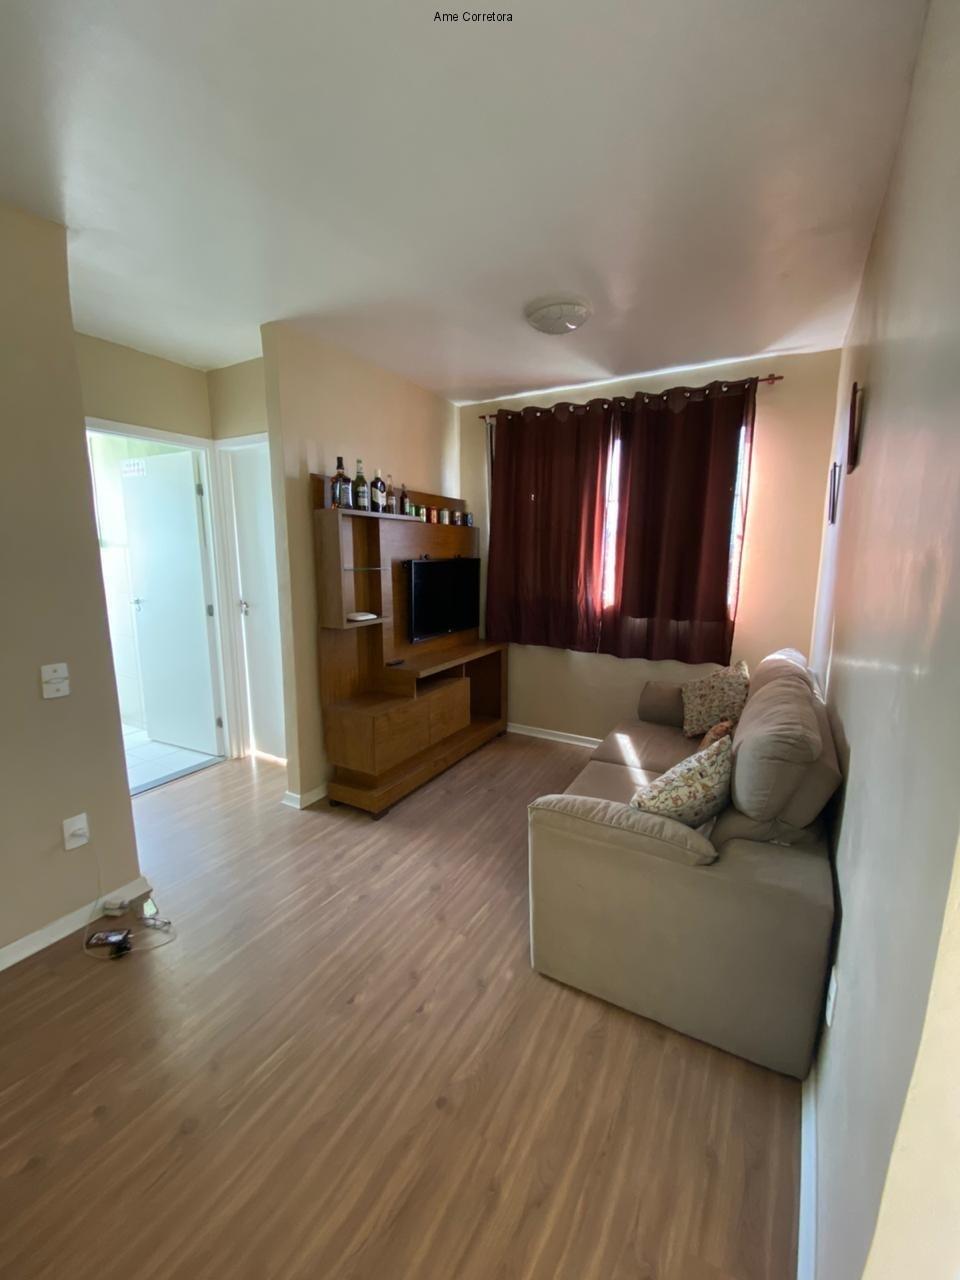 FOTO 14 - Apartamento 2 quartos à venda Rio de Janeiro,RJ - R$ 130.000 - AP00375 - 4